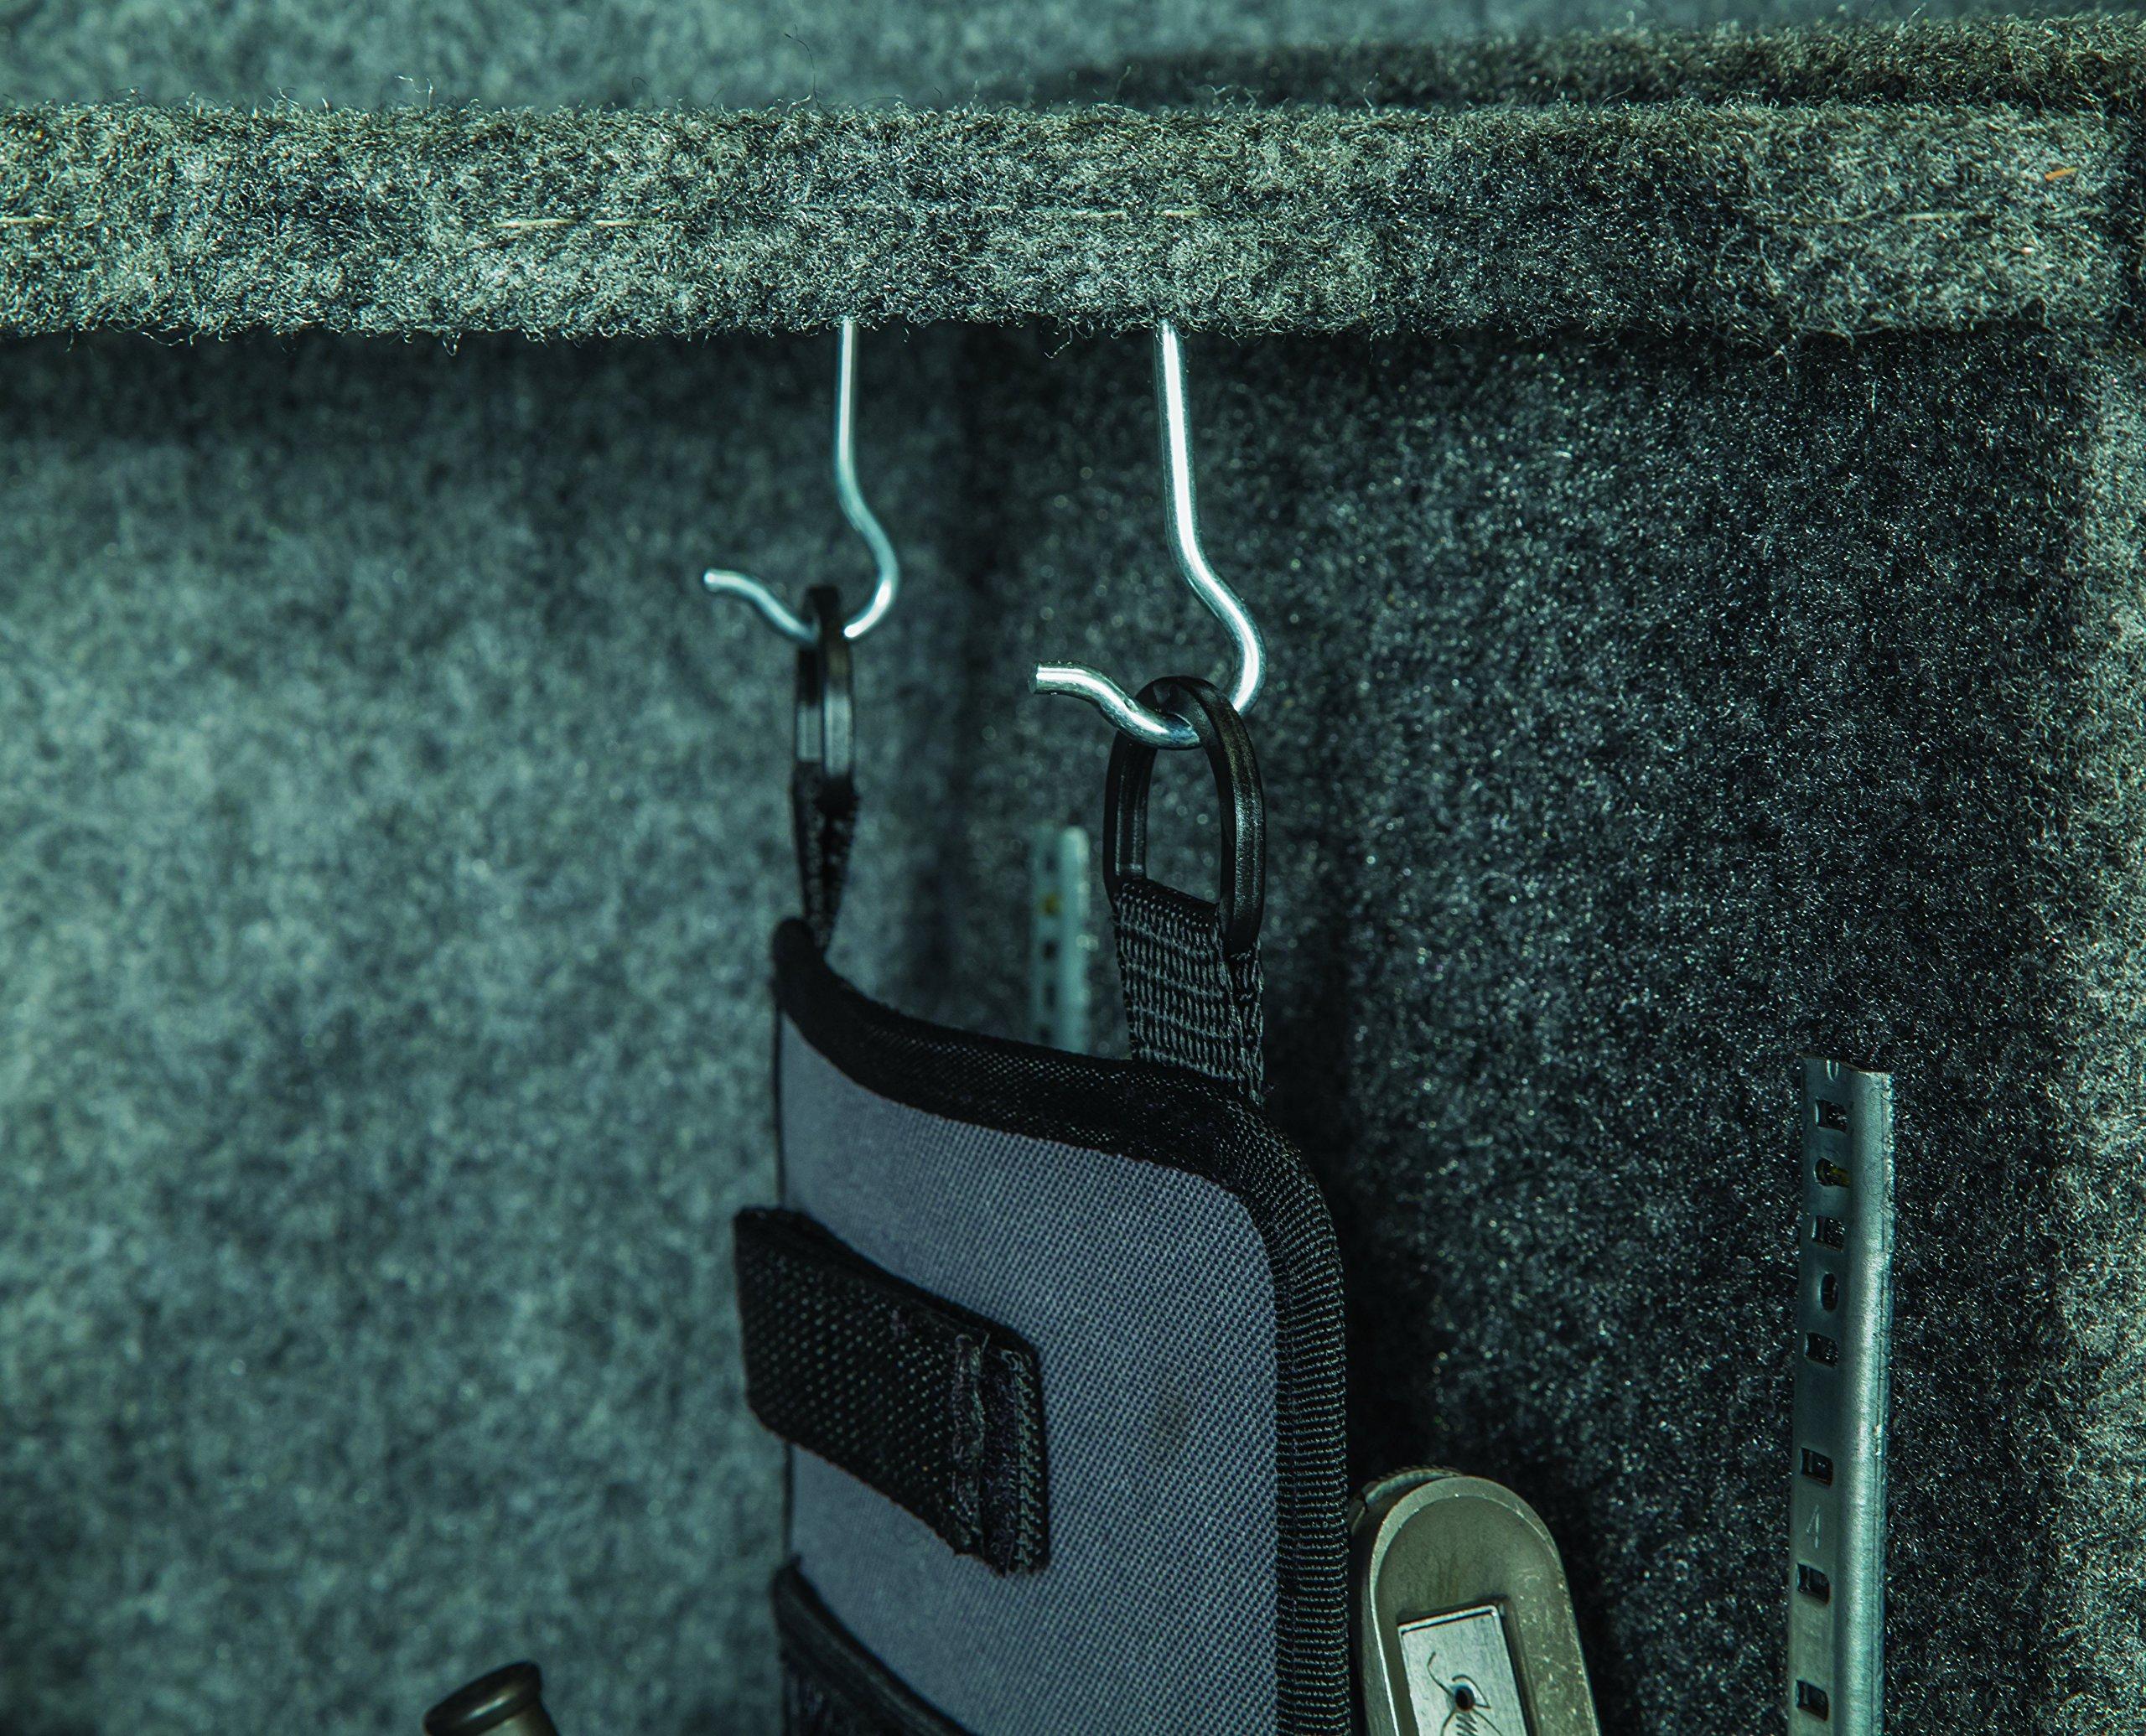 LOCKDOWN Handgun/Tactical Rifle Upper Hanger Gun Safe Organizer by LOCKDOWN (Image #4)